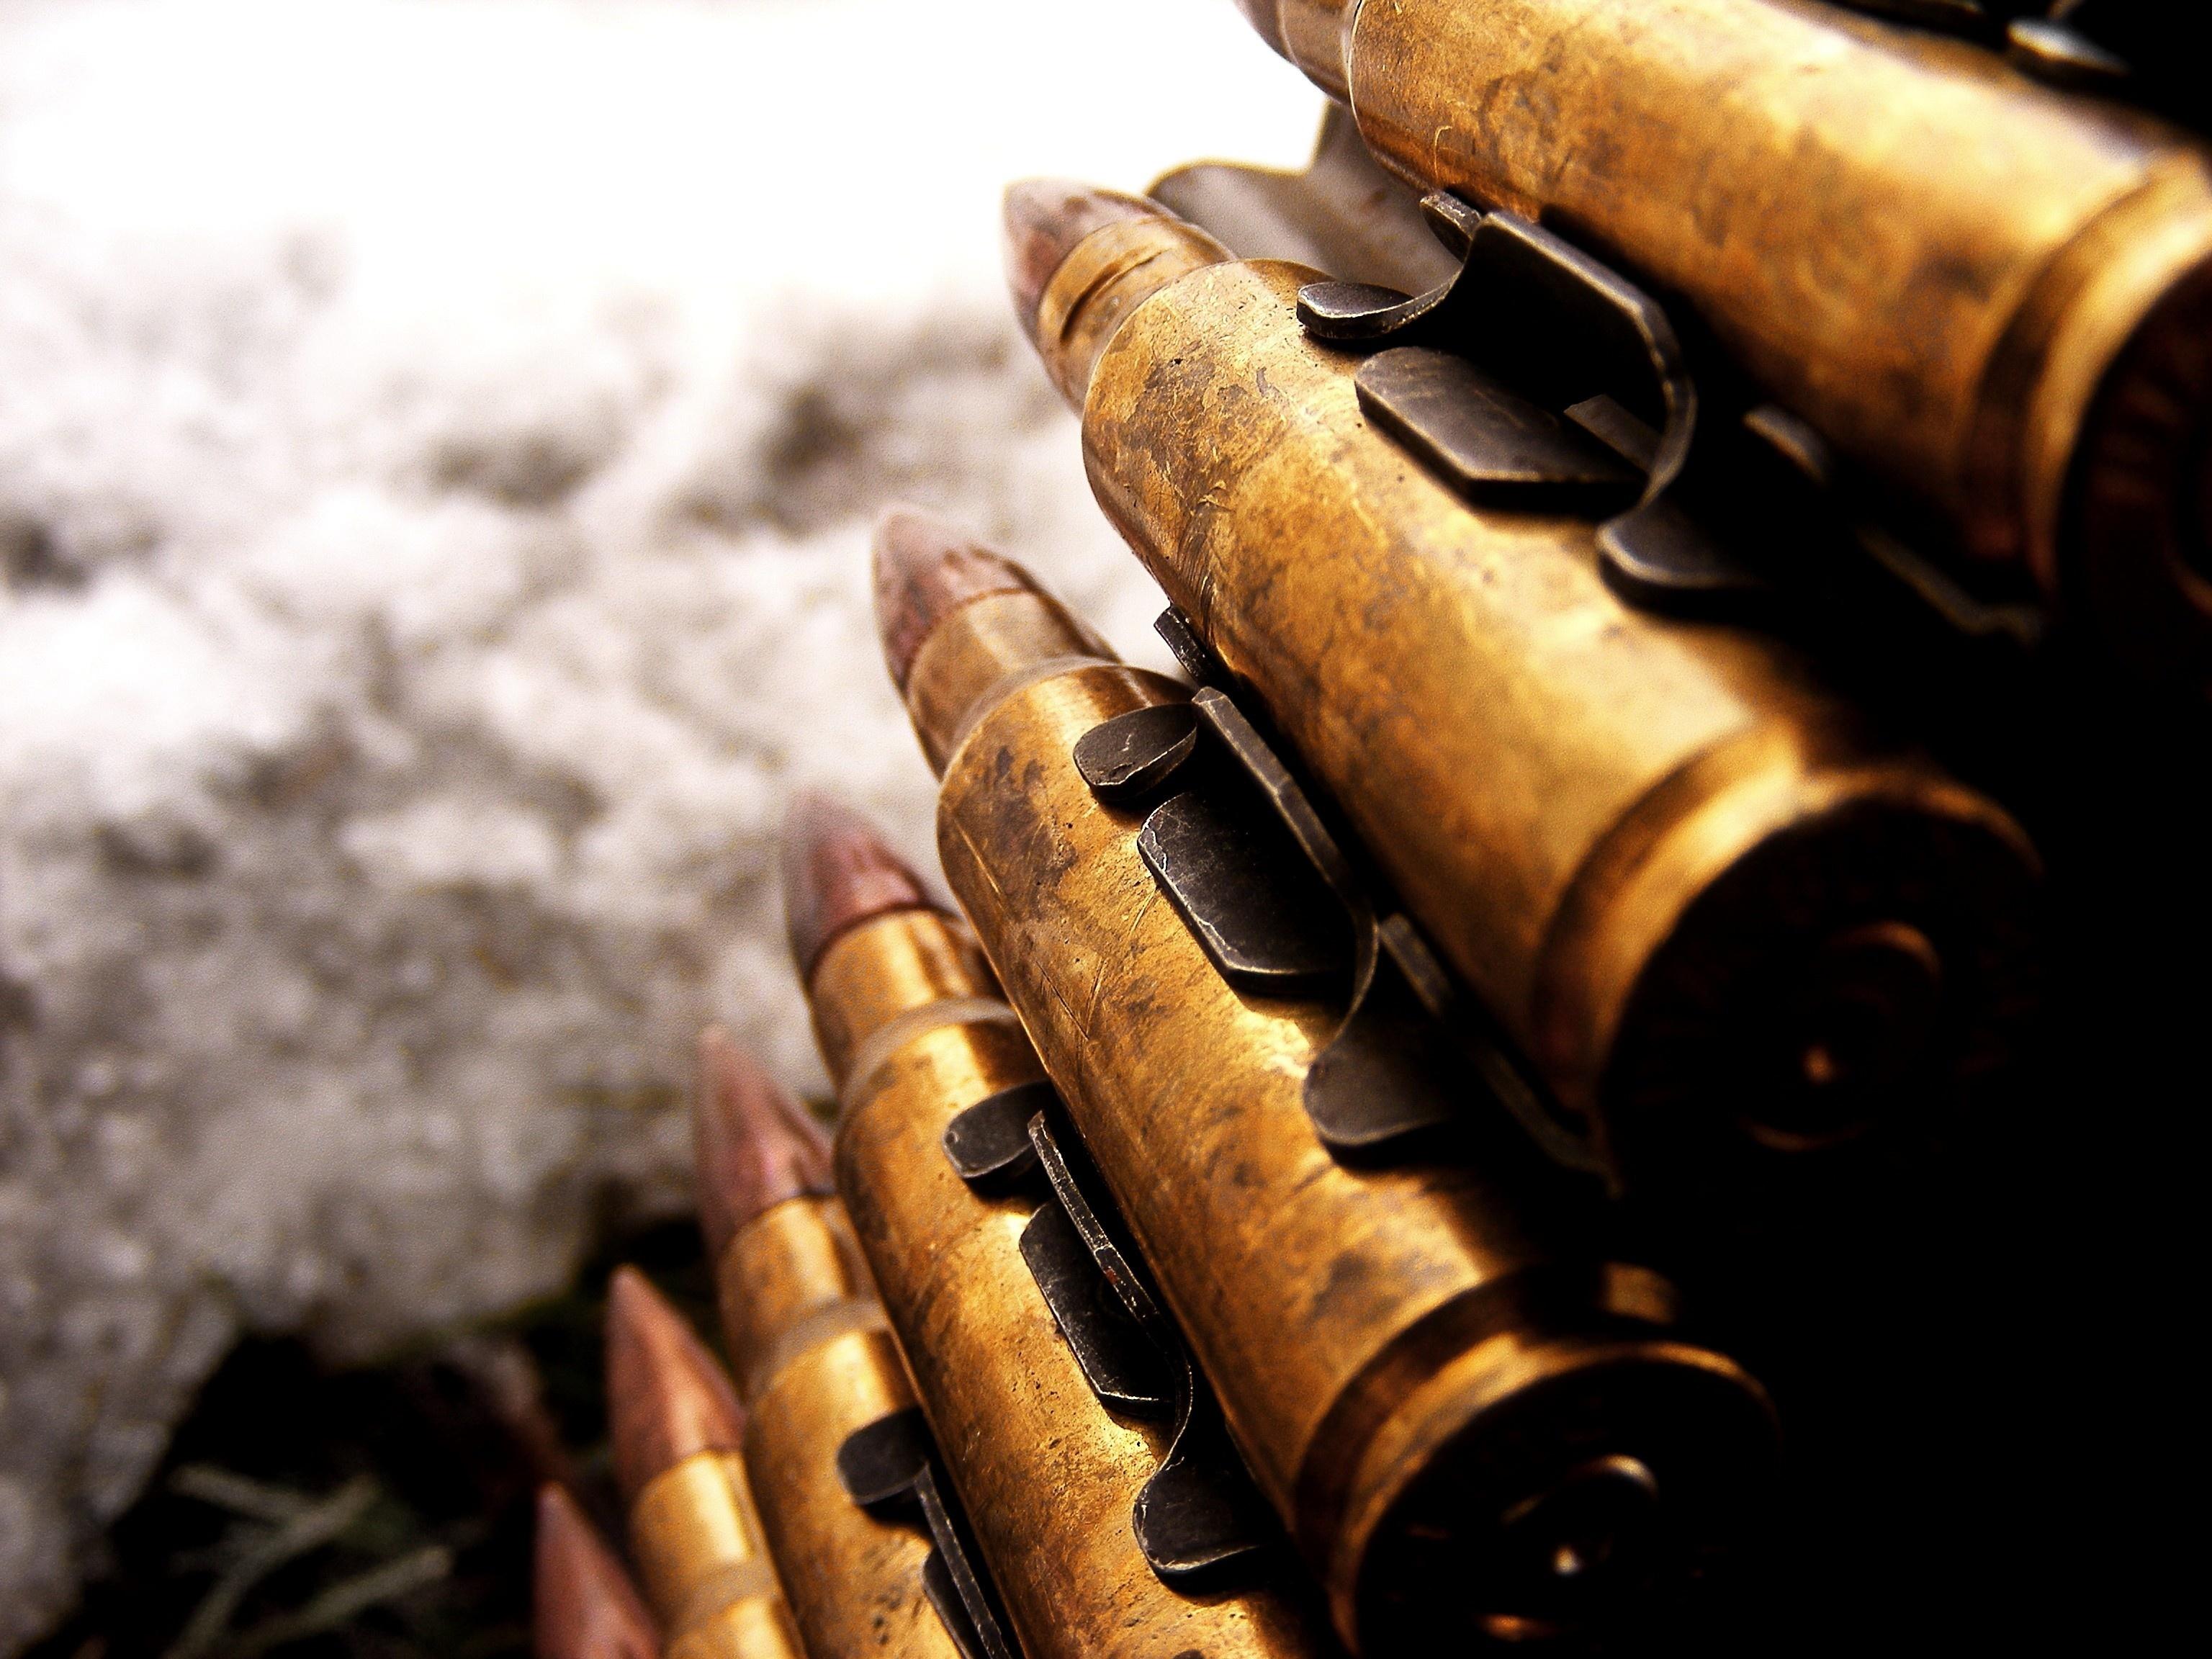 патроны, пулеметная лента, скачать фото, обои для рабочего стола, пули, bullets rounds wallpapers